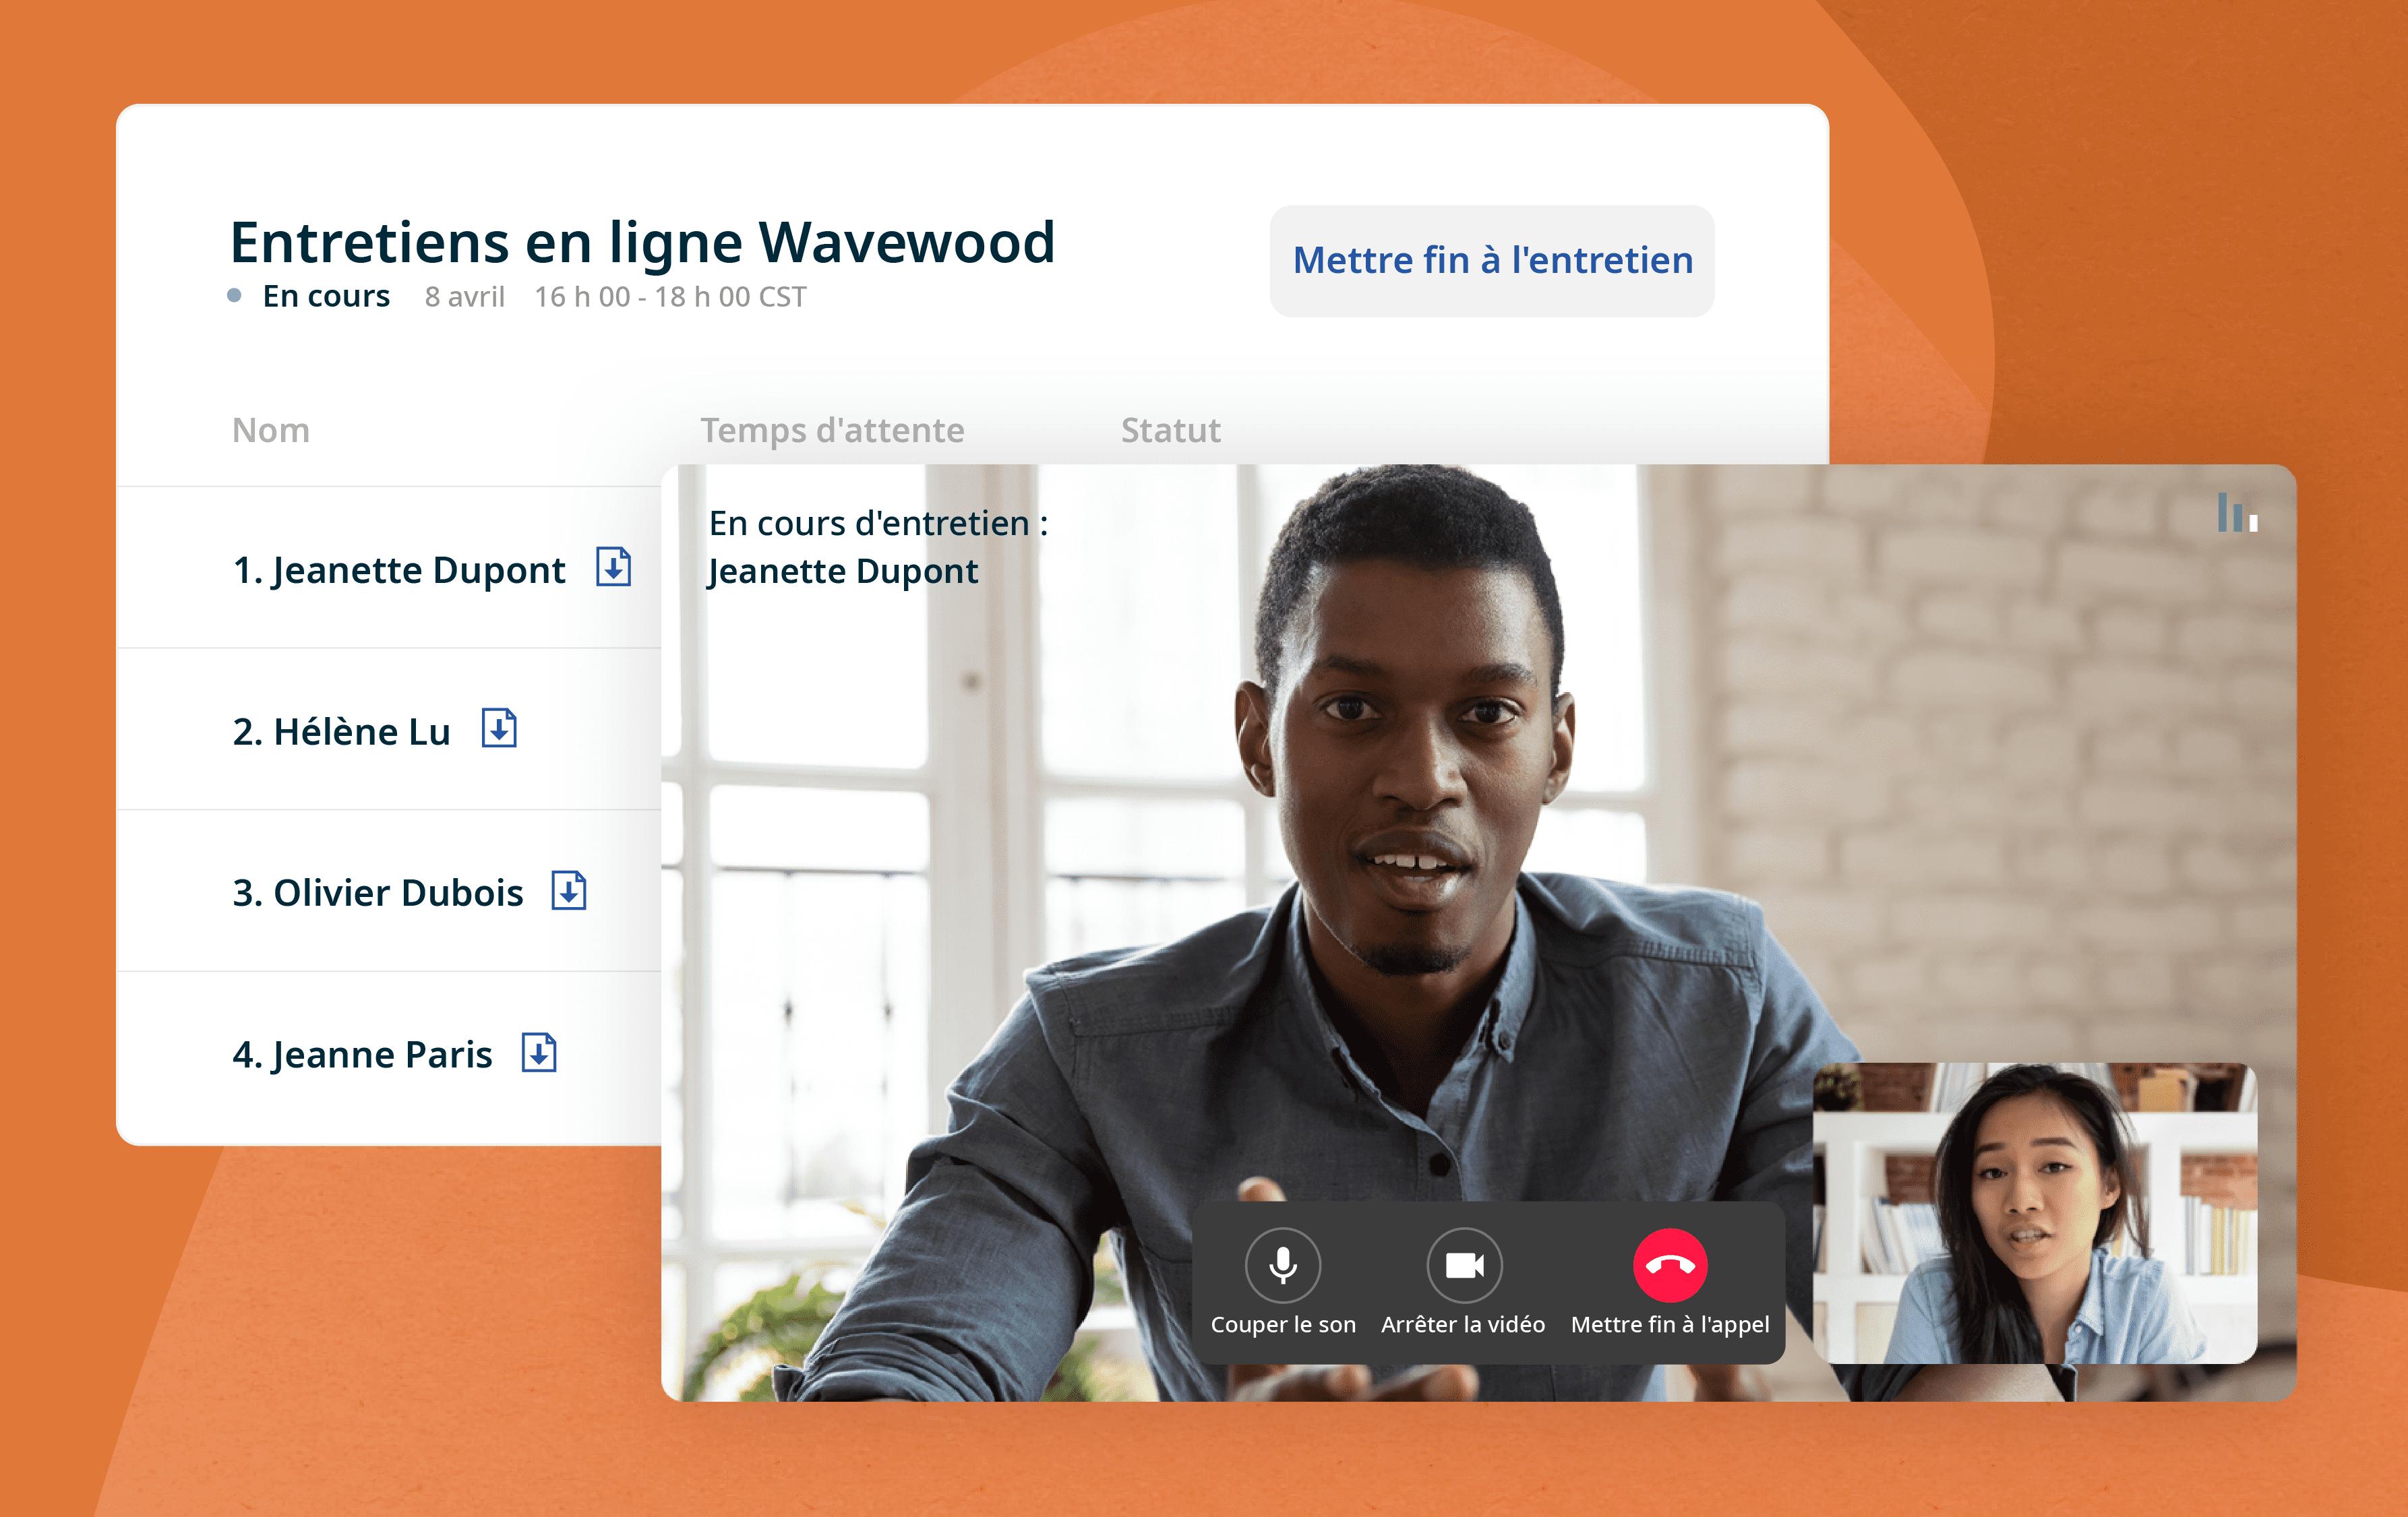 Le jour de l'entretien, les employeurs peuvent se connecter à IndeedVisio et passer en revue les CV des candidats avant l'entretien virtuel.